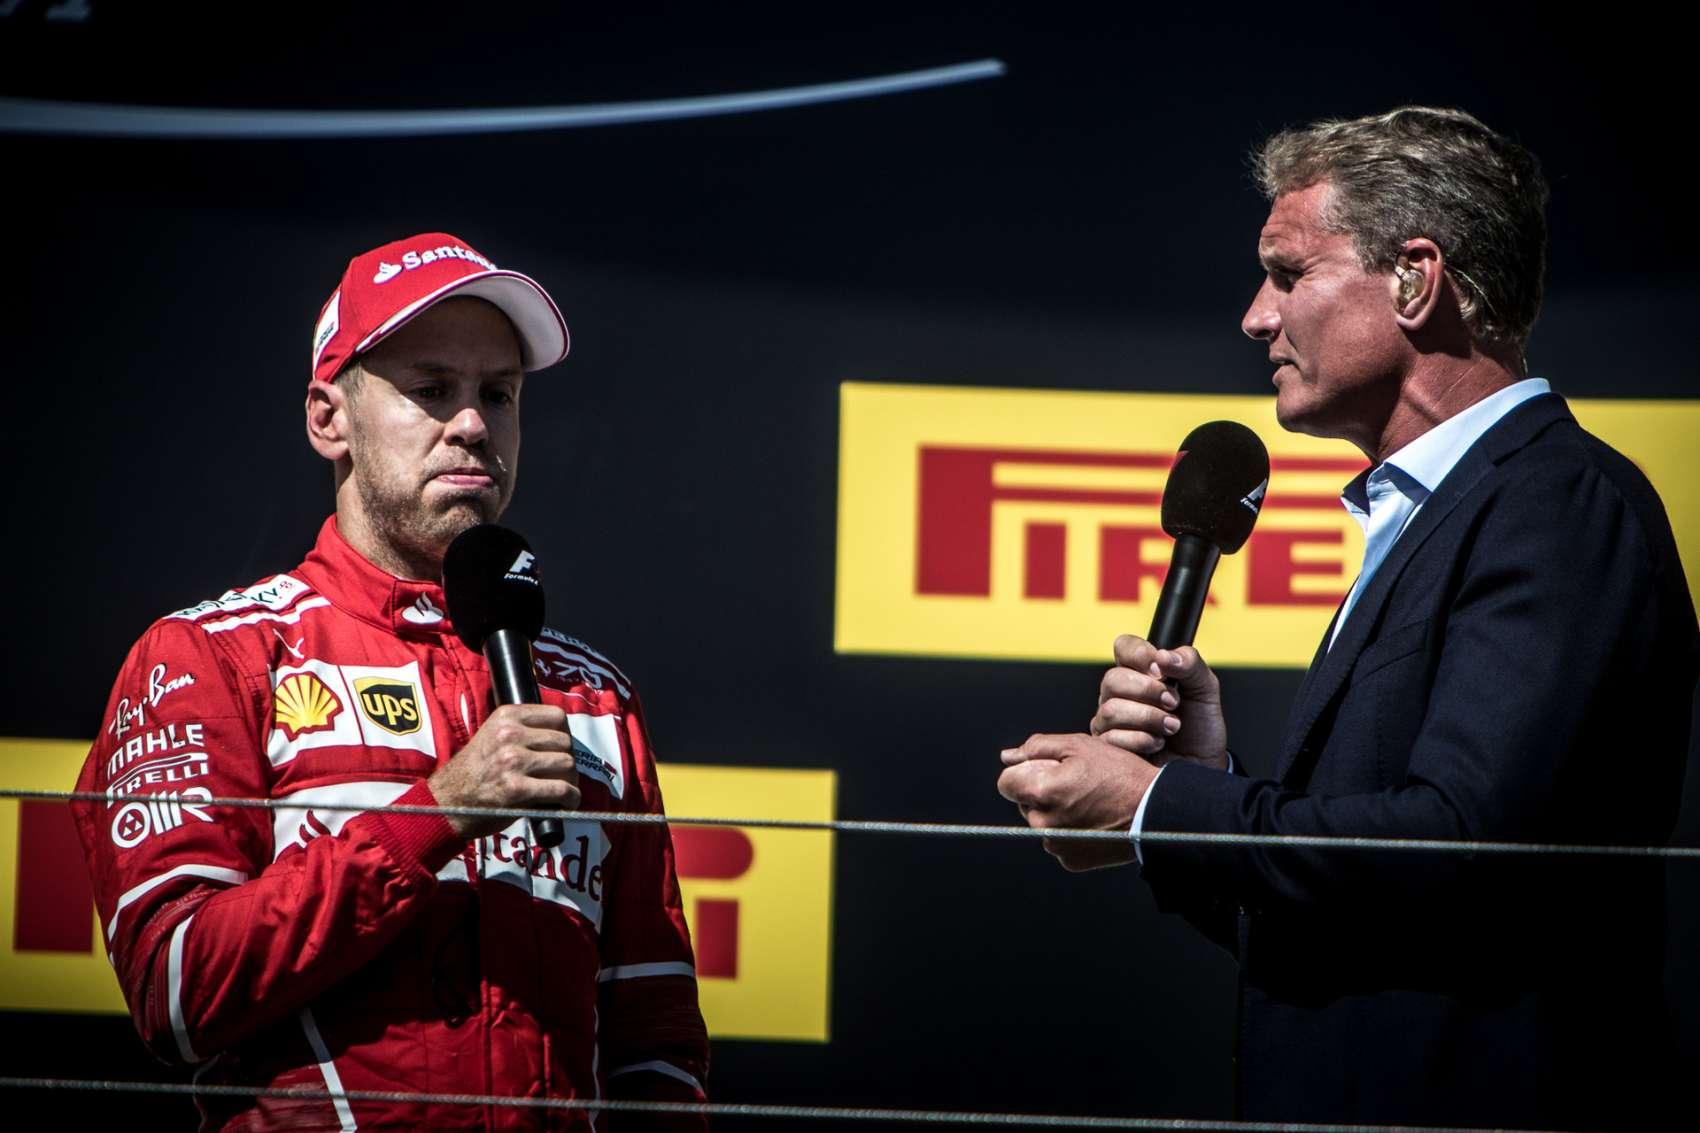 Coulthard, Vettel